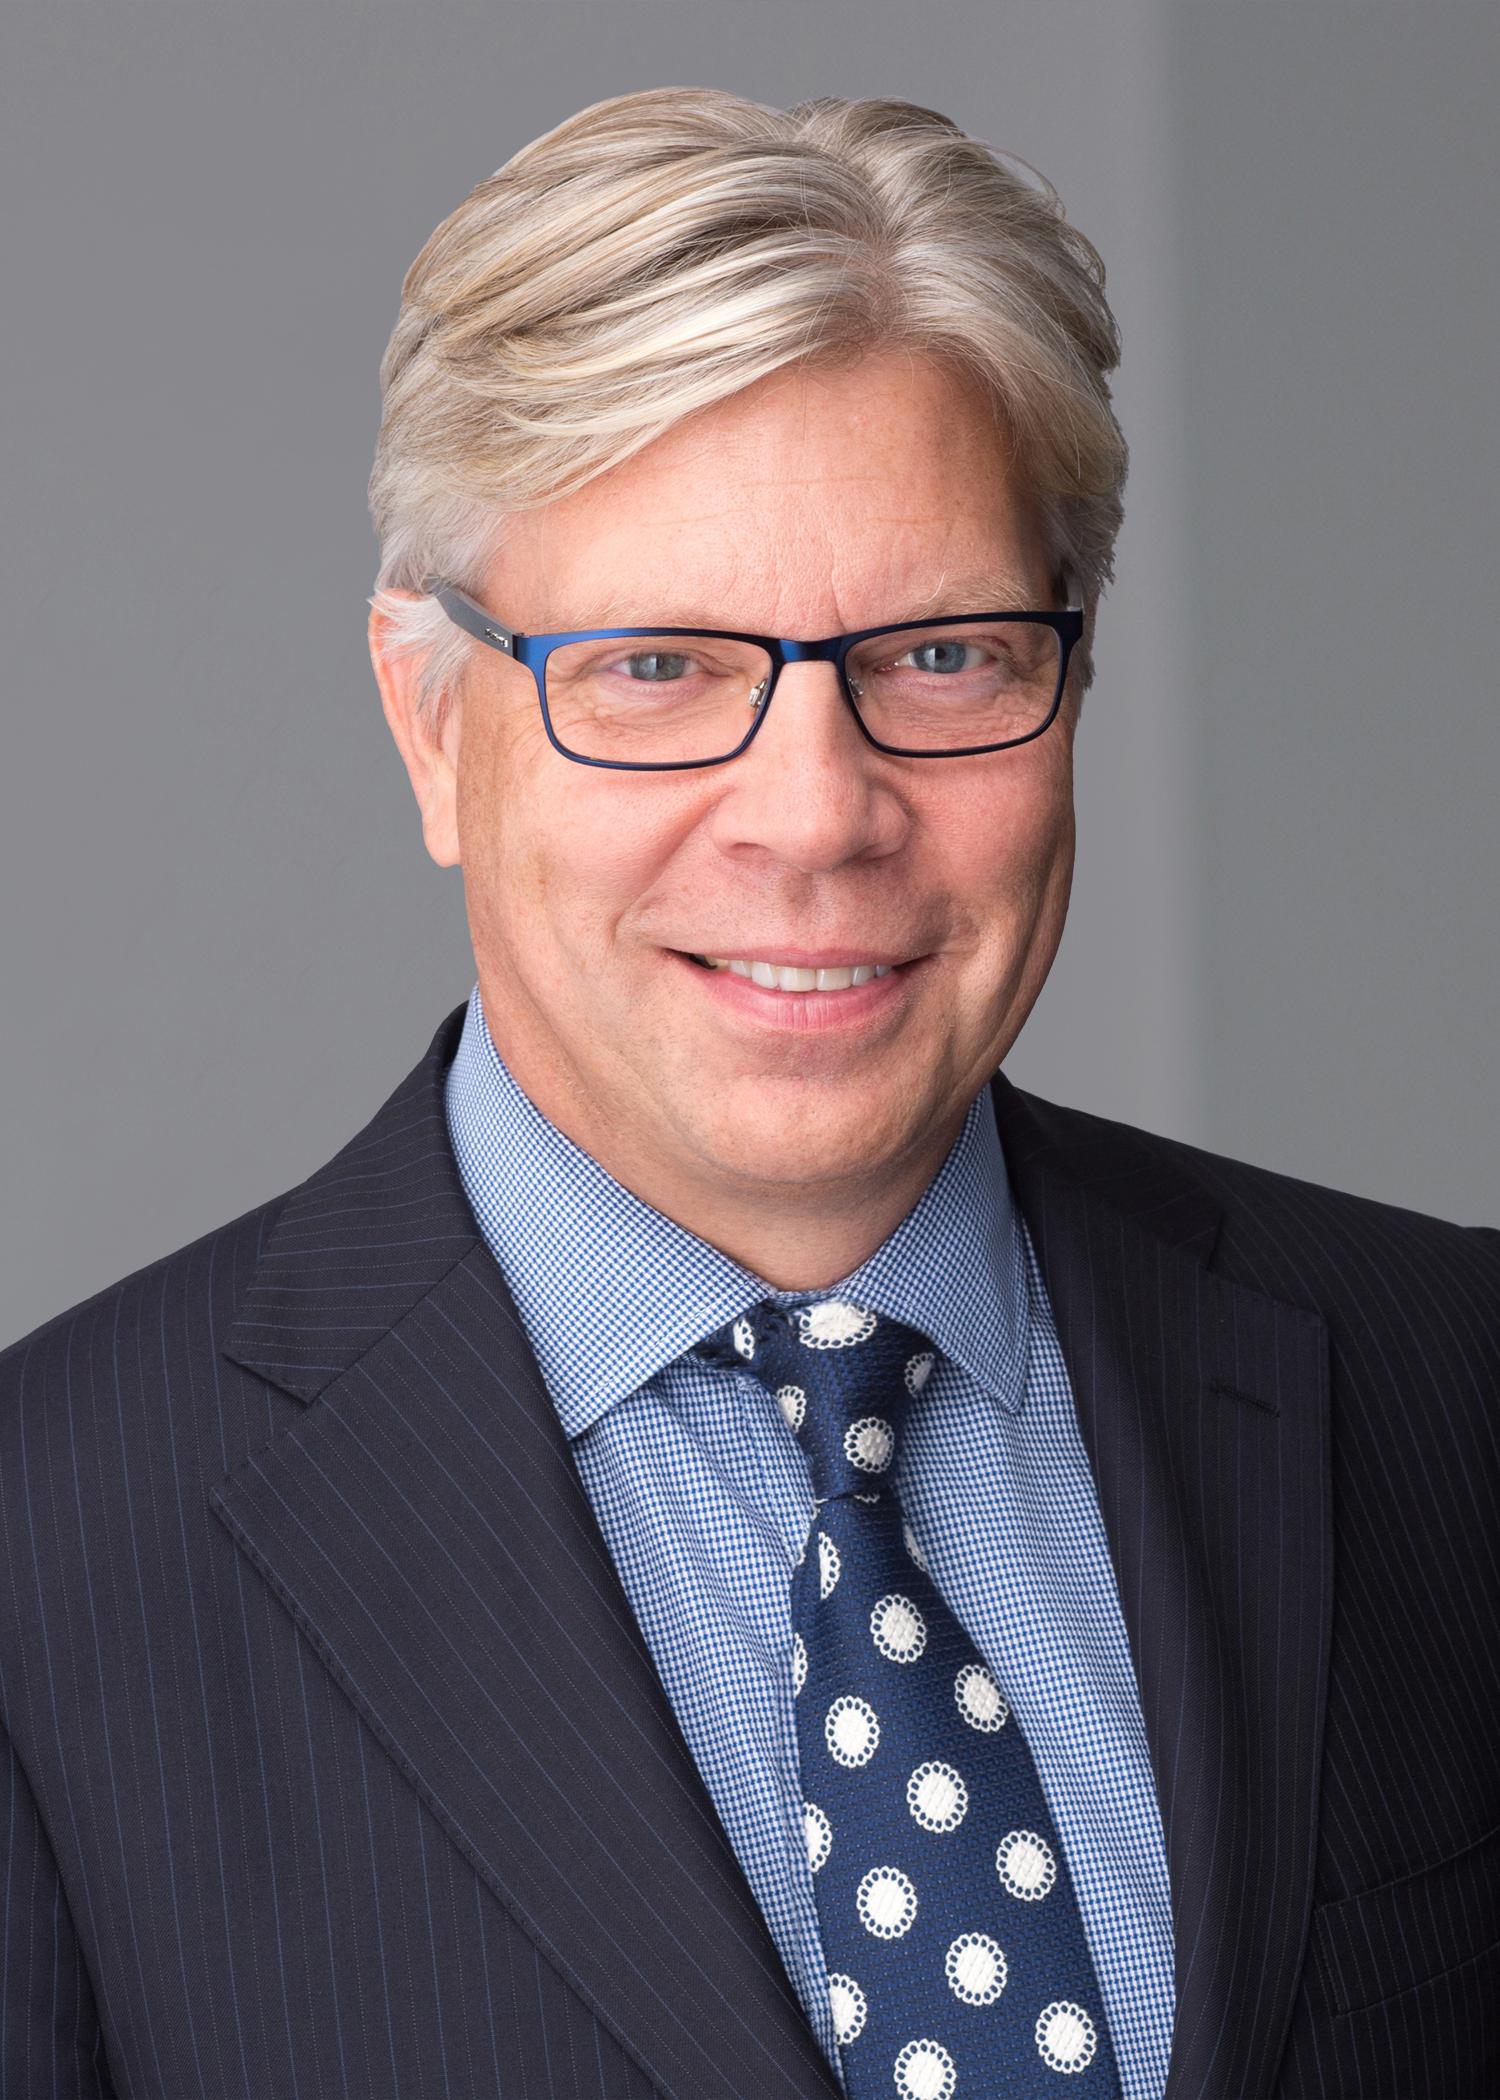 Darrell W. Podowski